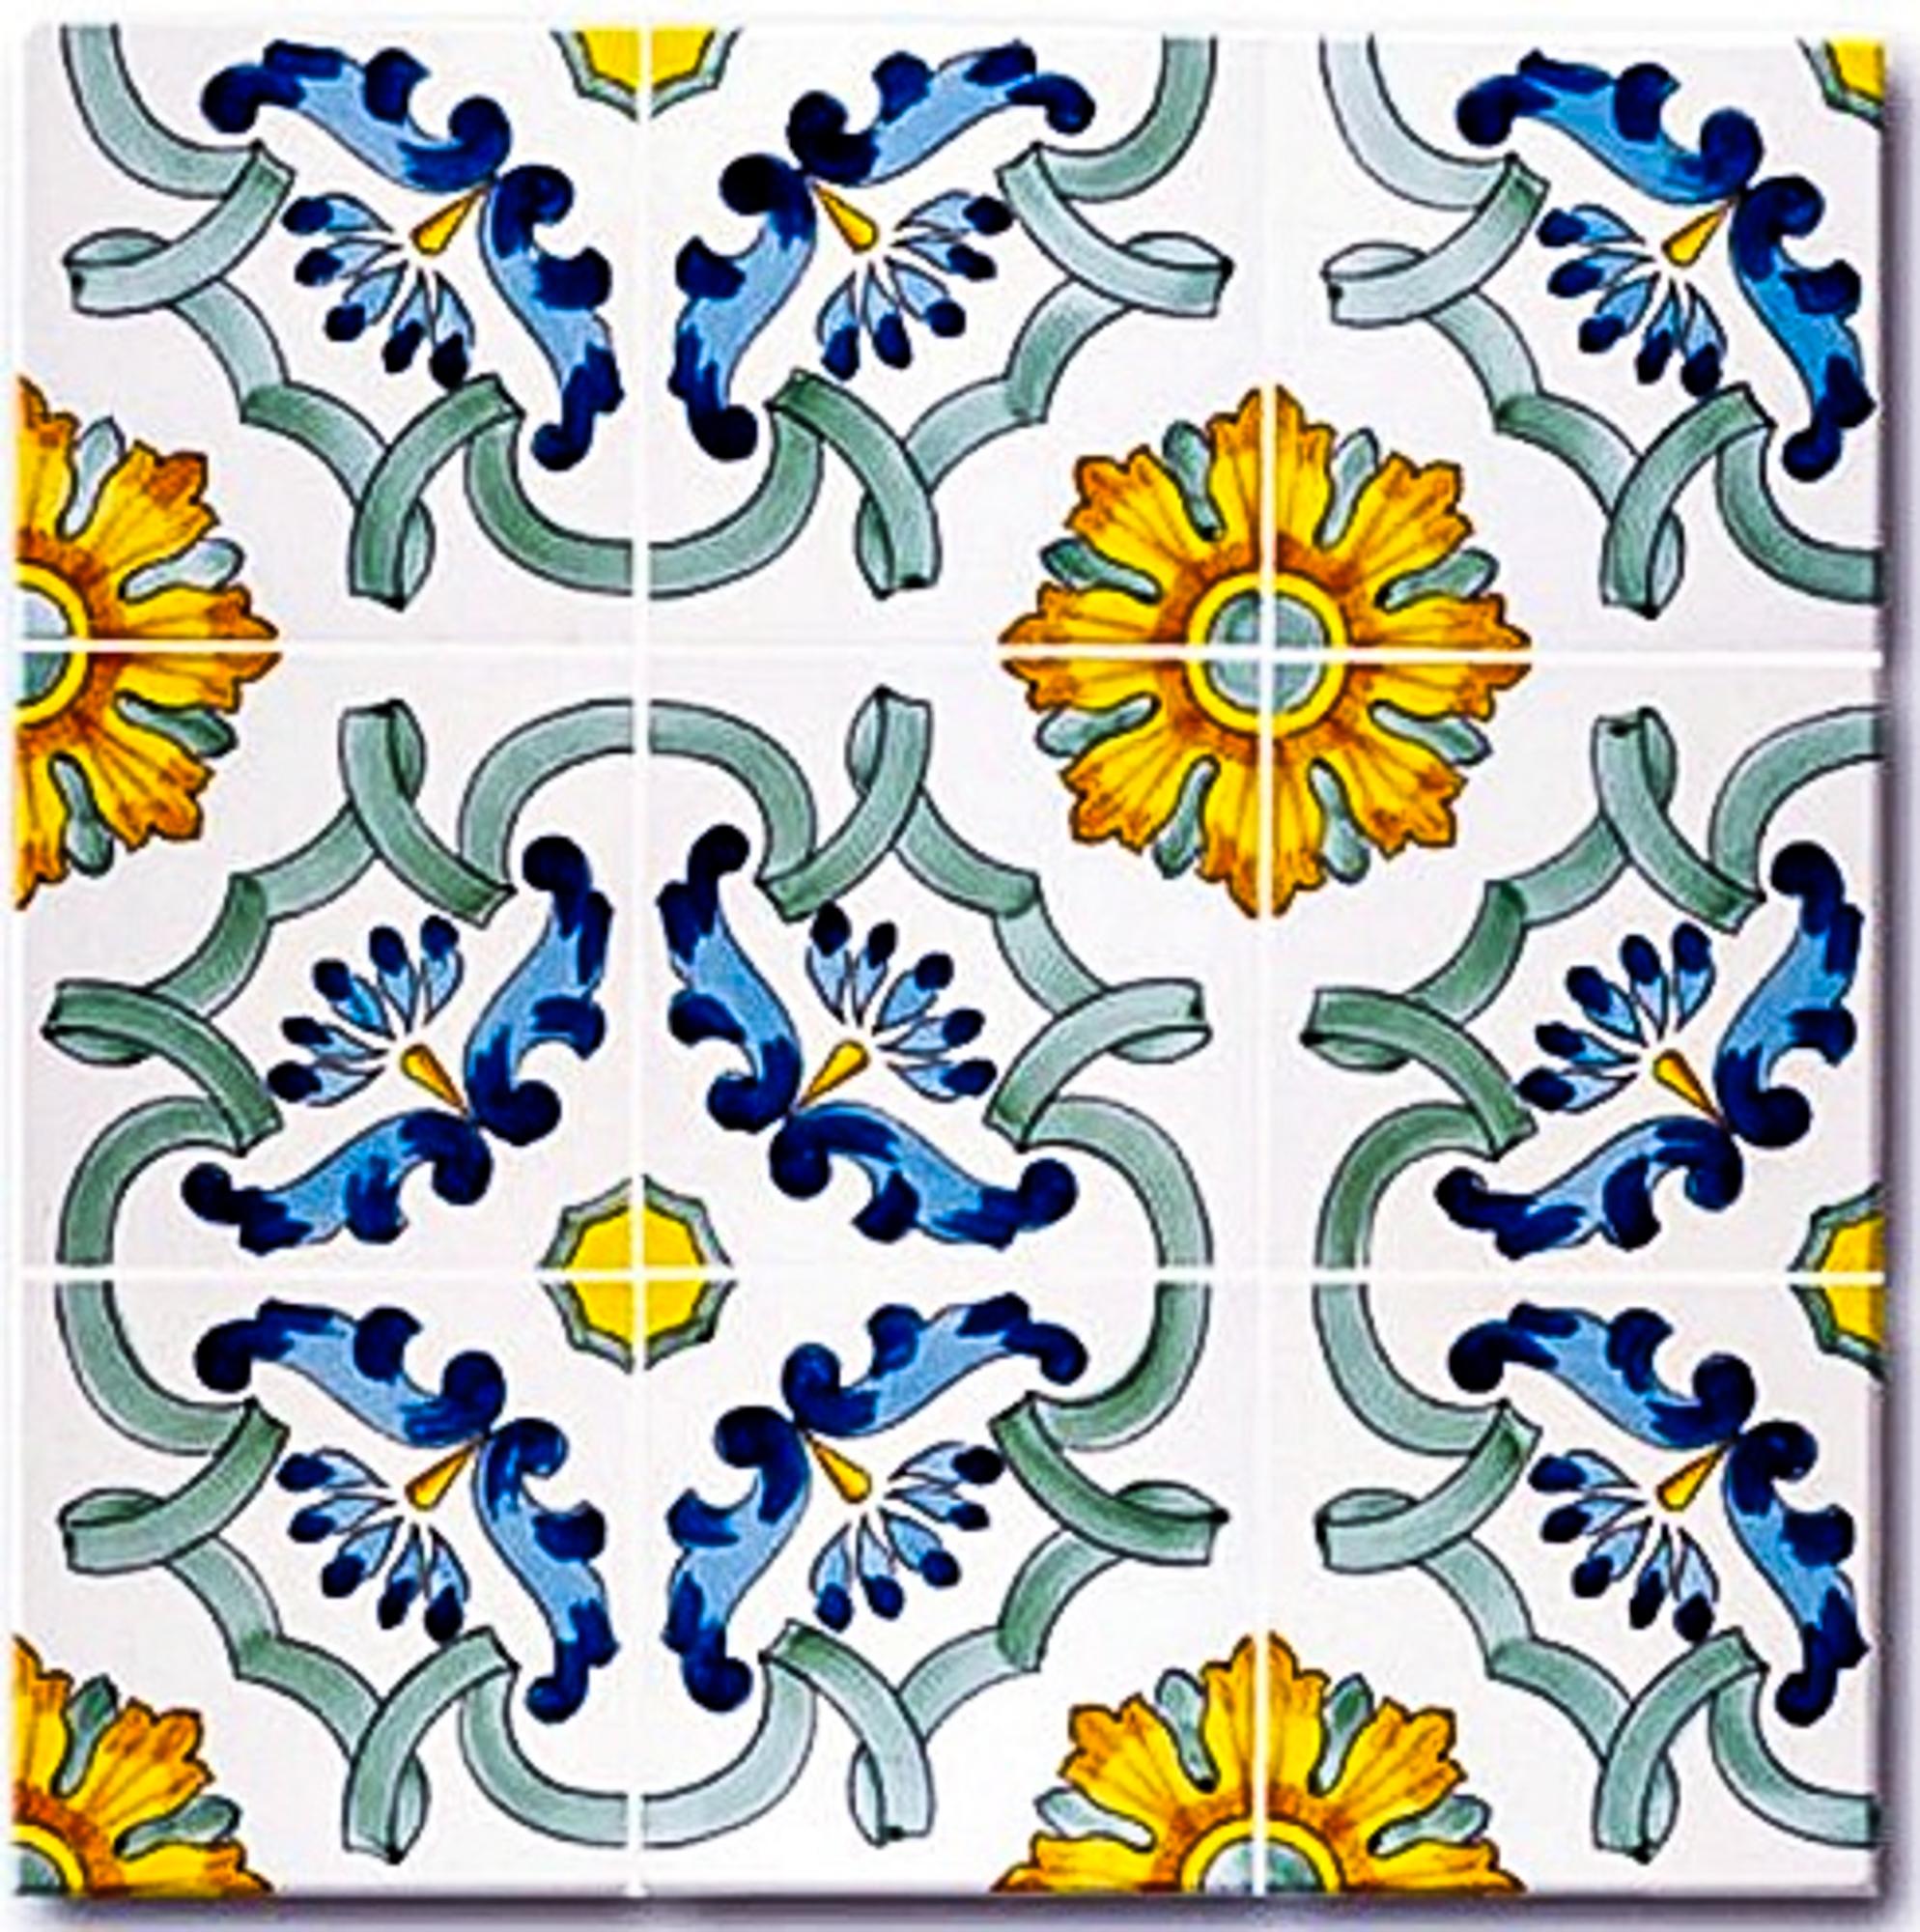 Ceramica Francesco de Maio-Serie Classico Vietri Maria Teresa 13 x 13 cm.jpg